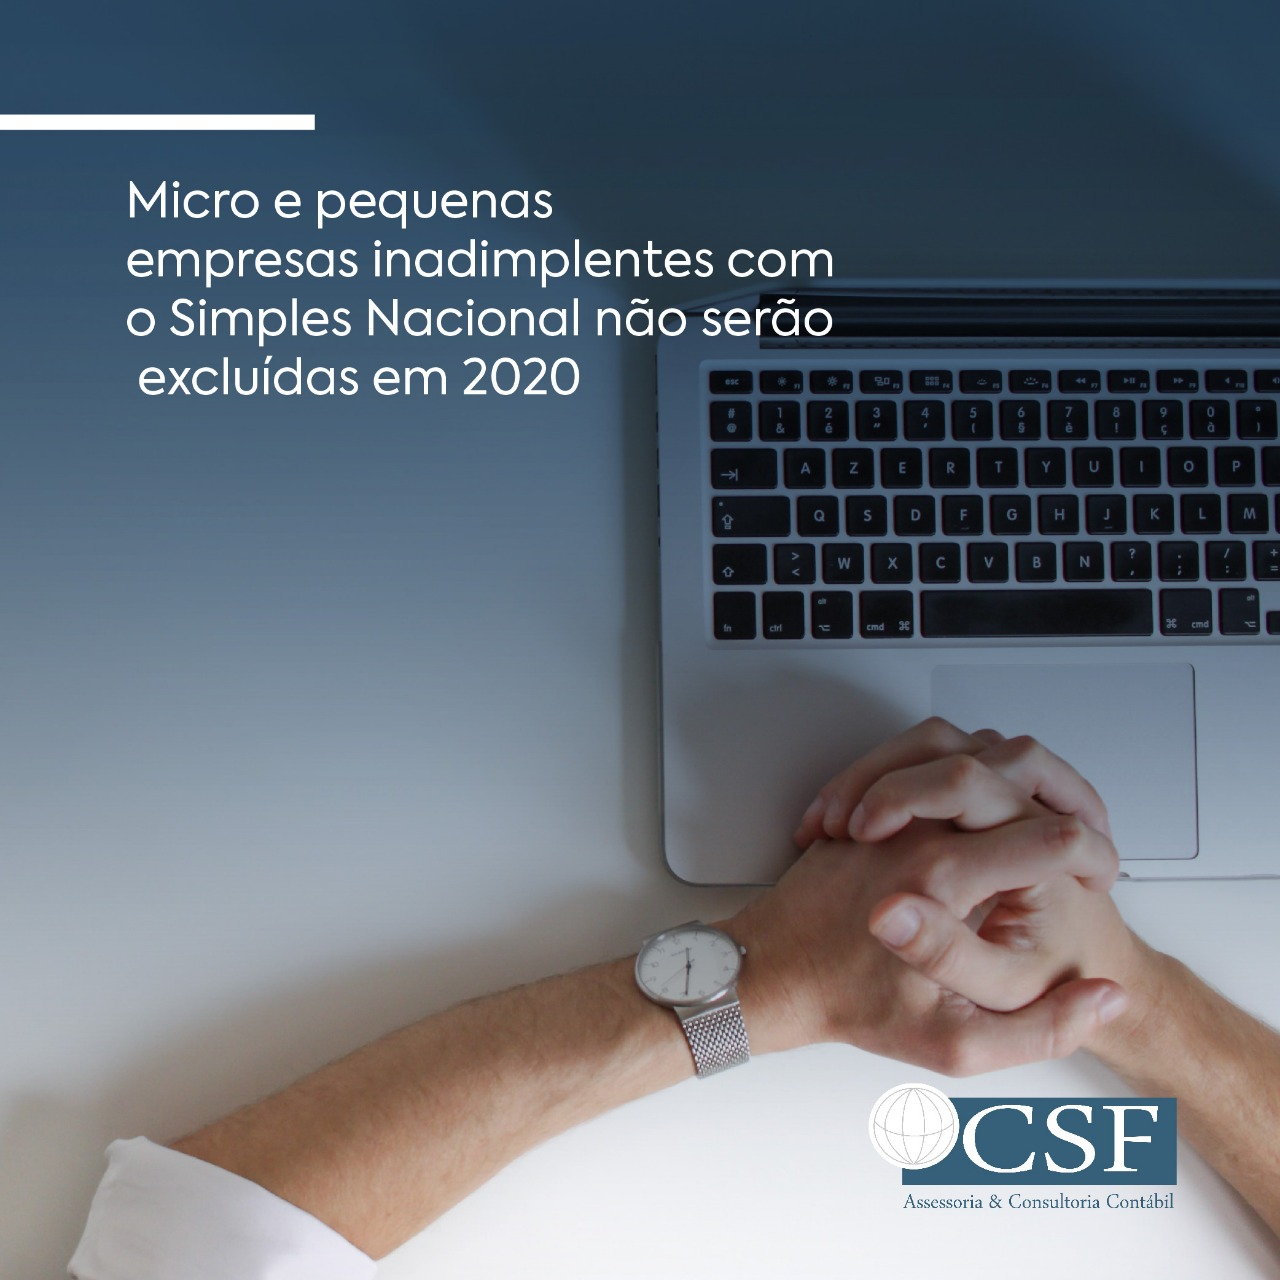 Micro e pequenas empresas inadimplentes com o Simples Nacional não serão excluídas em 2020